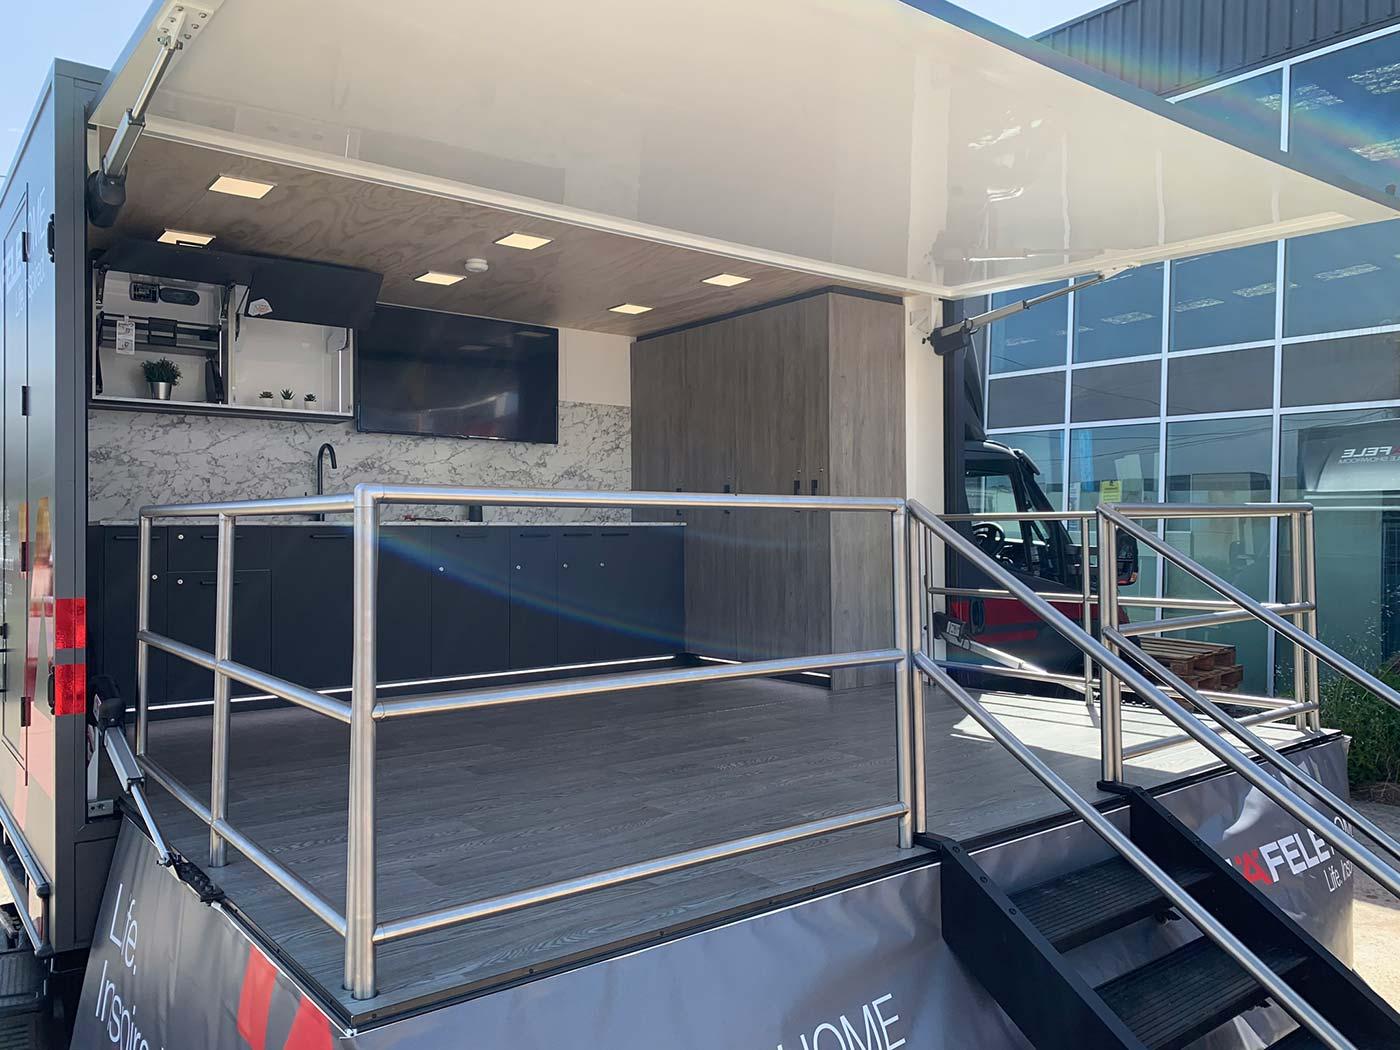 Hafele--Mobile-Vehicle-Showroom-2